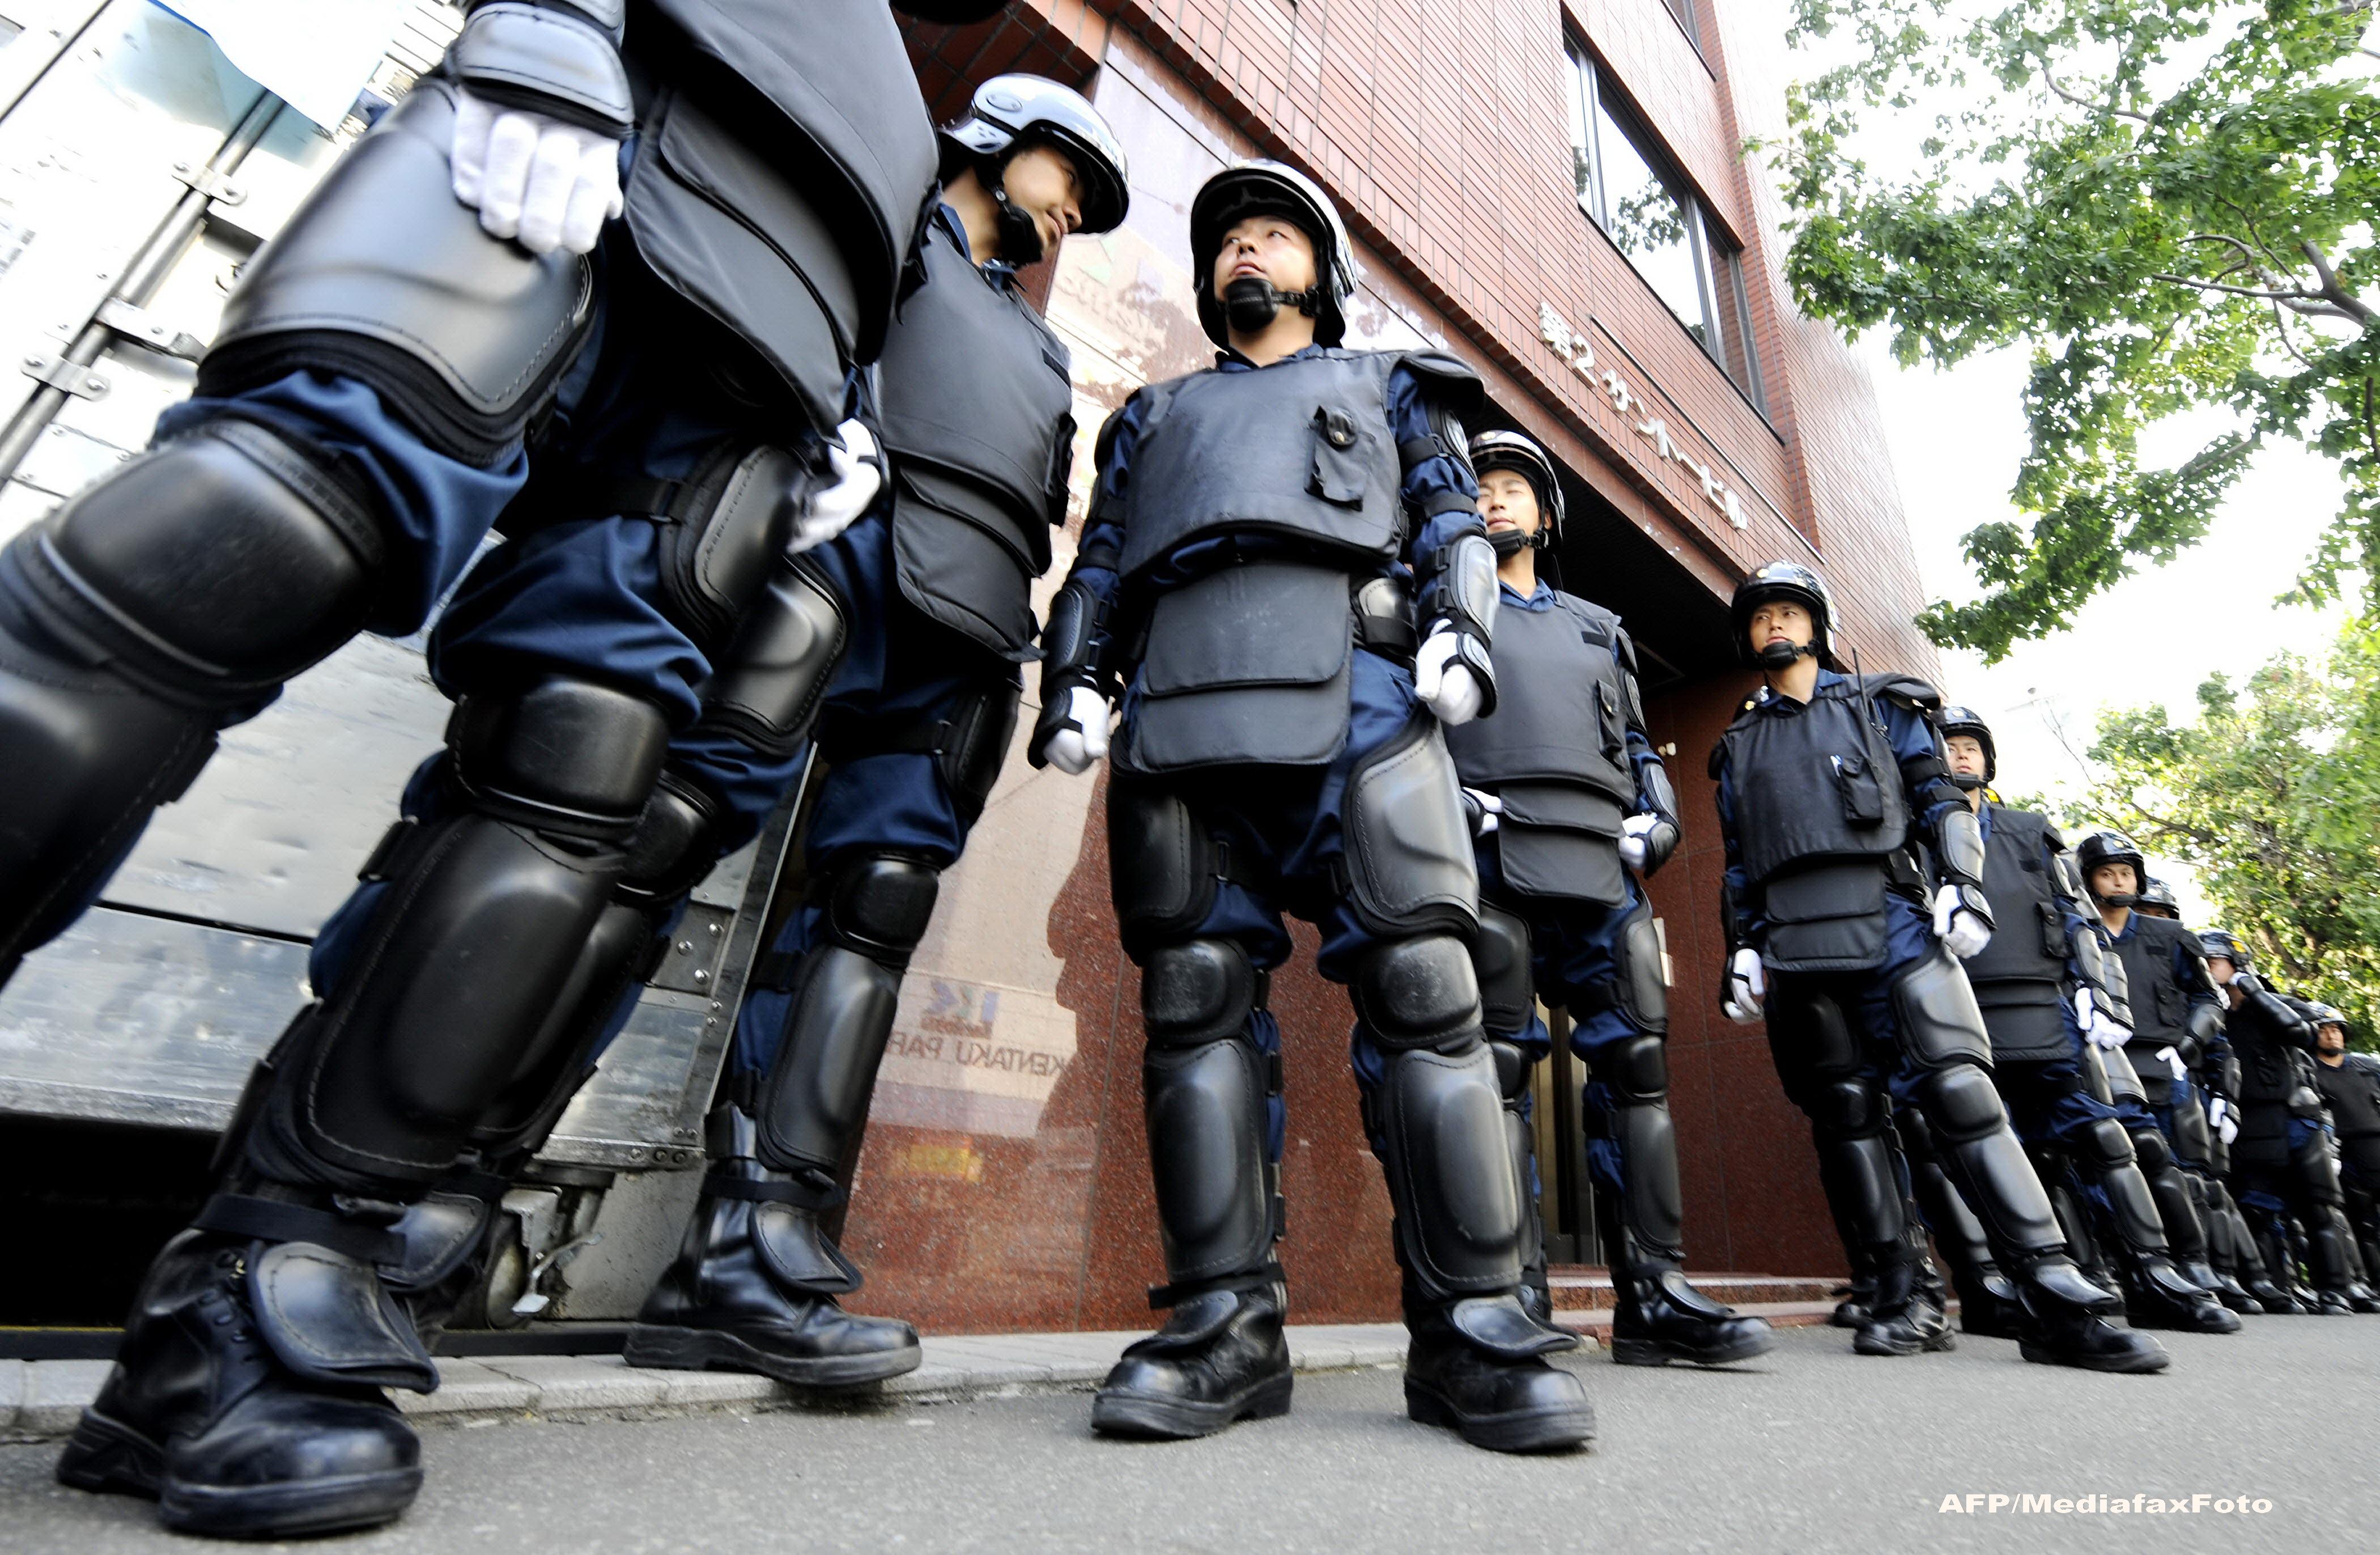 Seful unei grupari mafiote japoneze, care face parte din Yakuza, a fost arestat pentru o crima de acum 18 ani